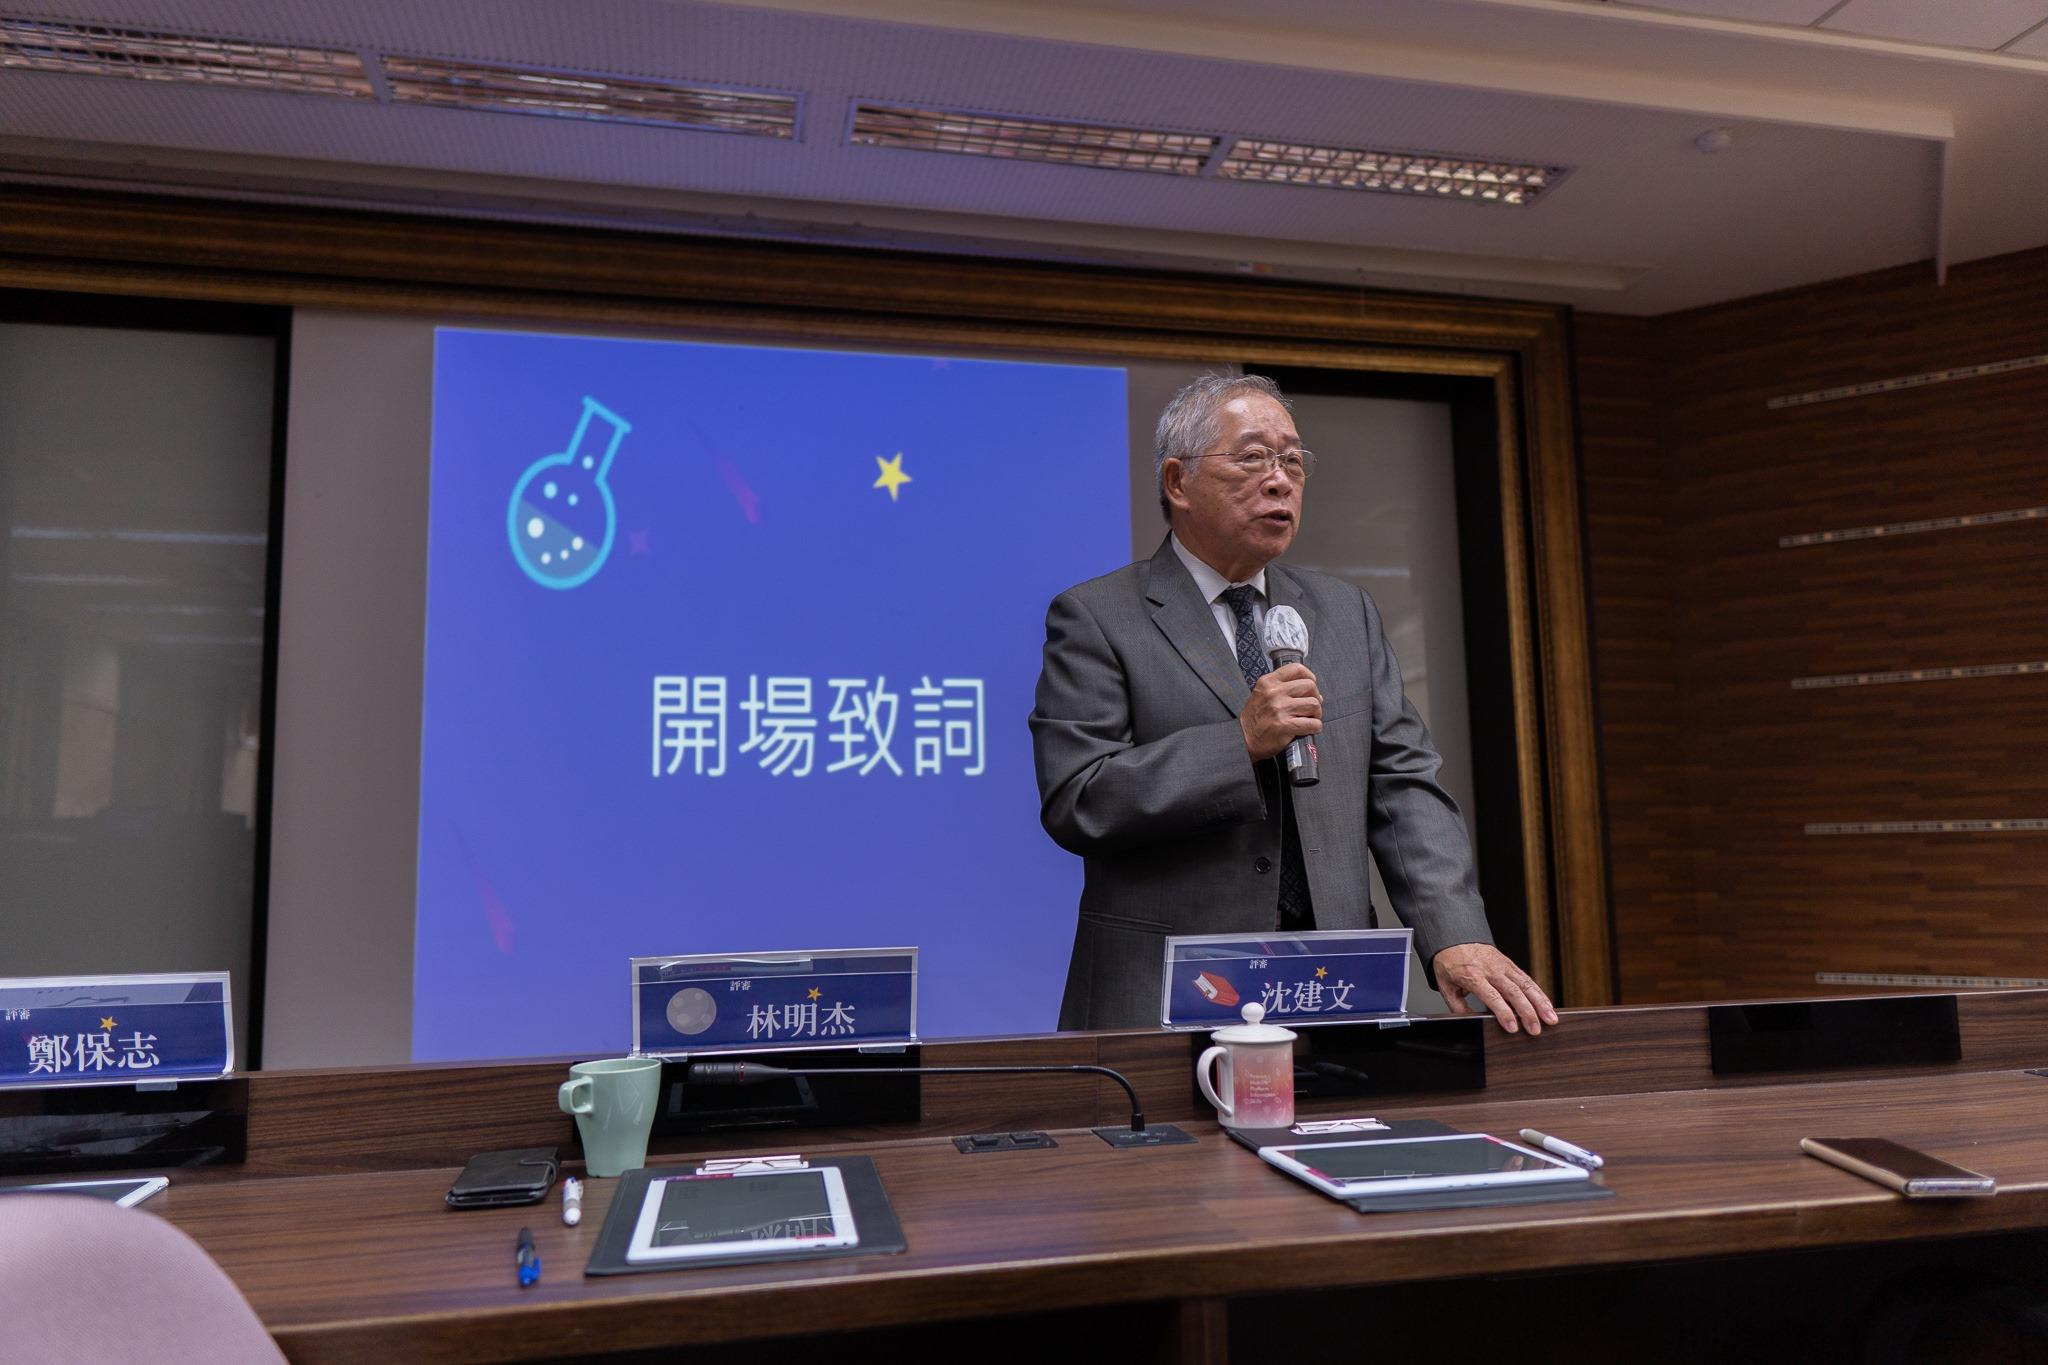 【活動摘錄】108學年度中央大學社會企業與公益傳播專題成果發表會競賽